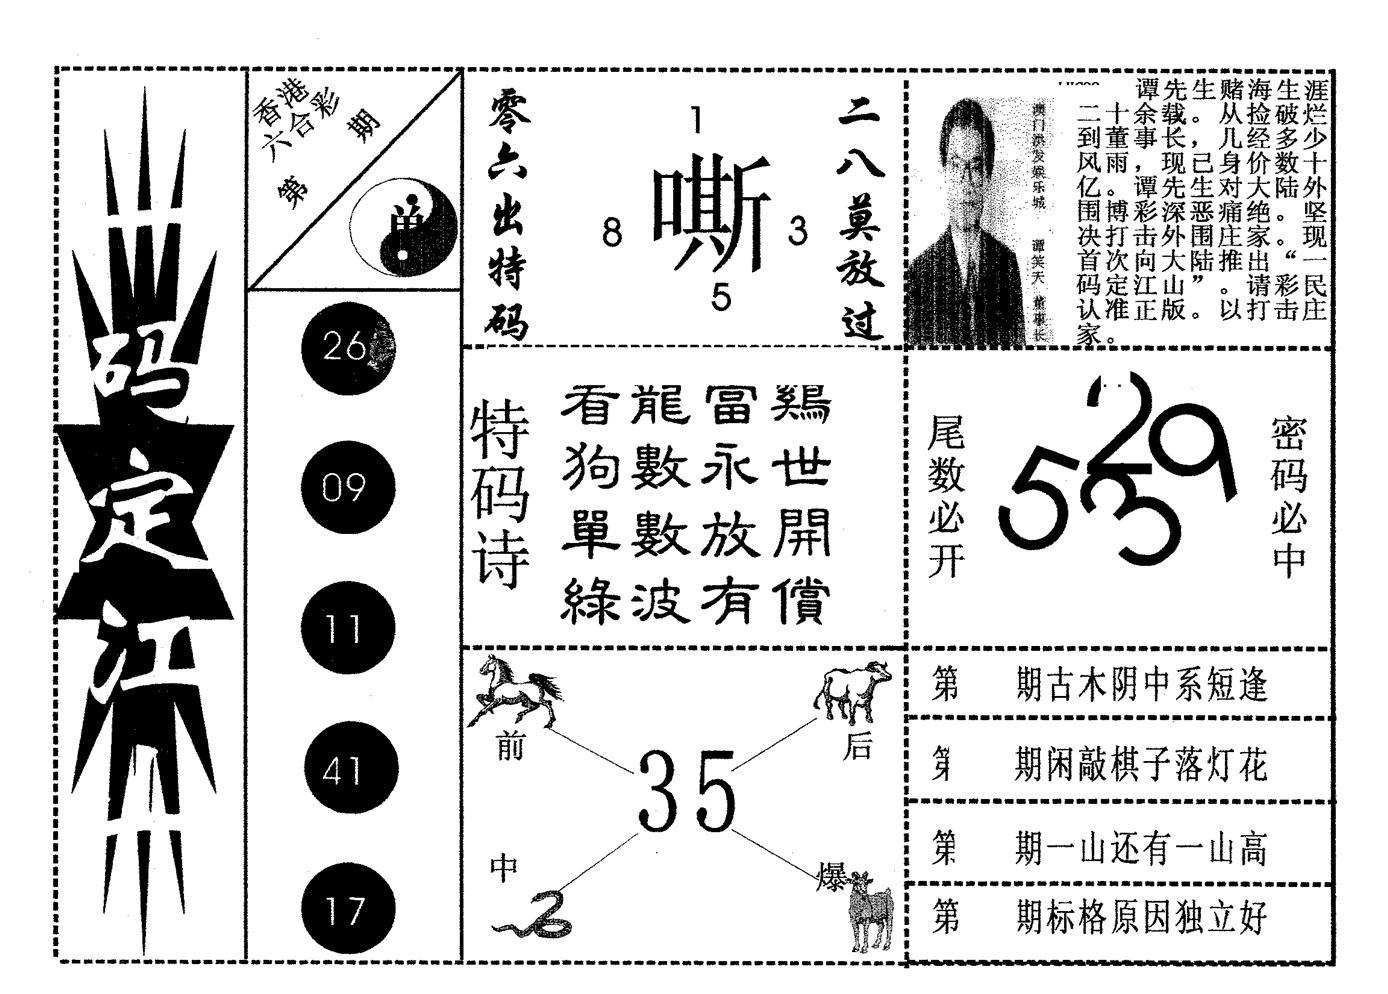 078期一码定江山(黑白)